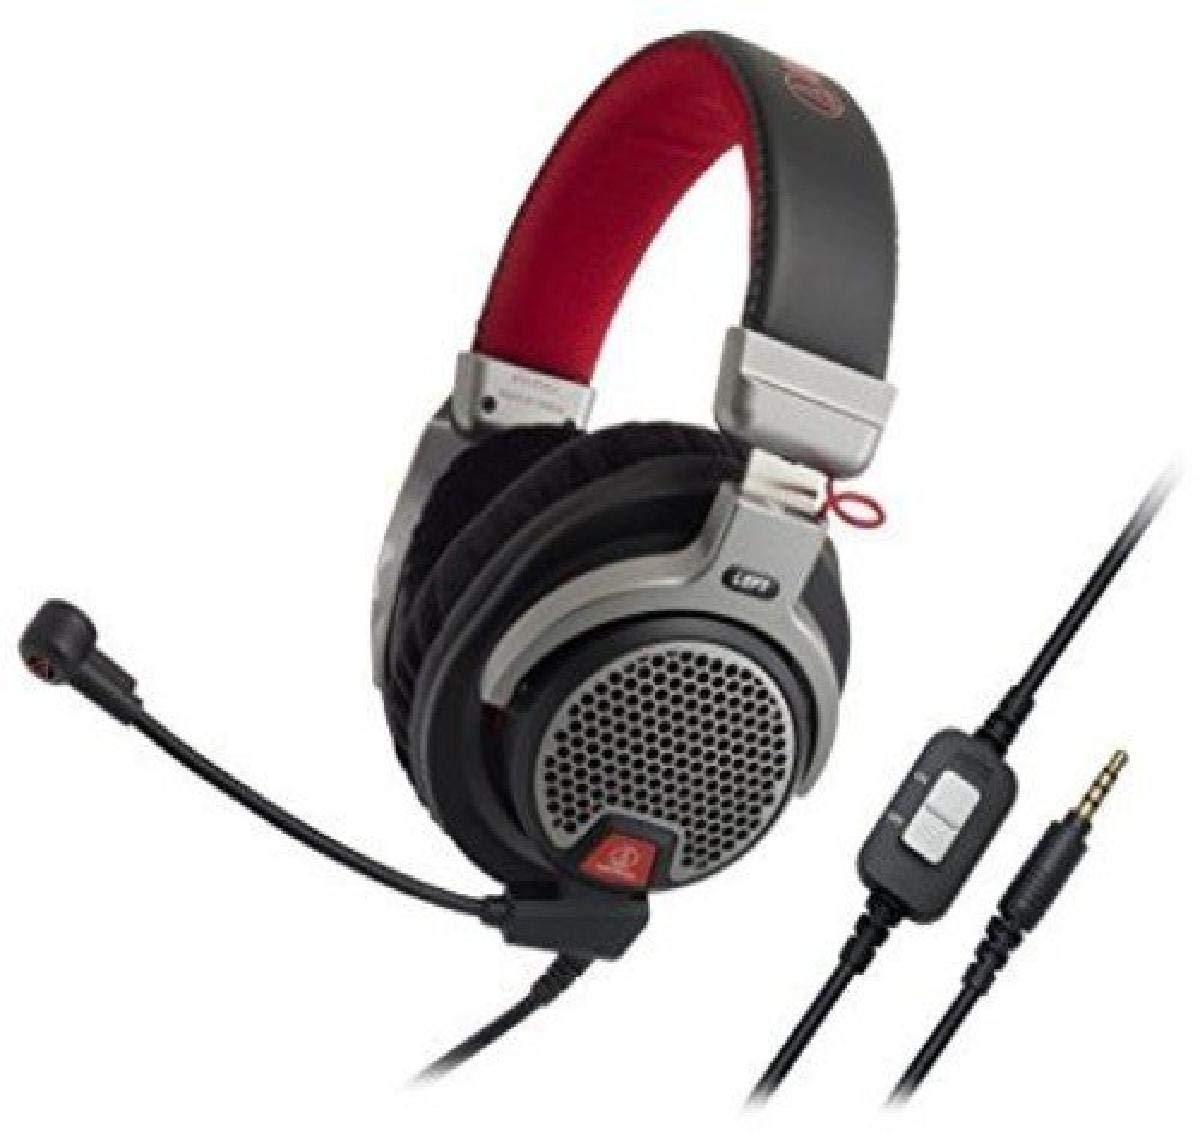 Auriculares Audio Technica ATH-PDG1 Open-Air Premium Gaming